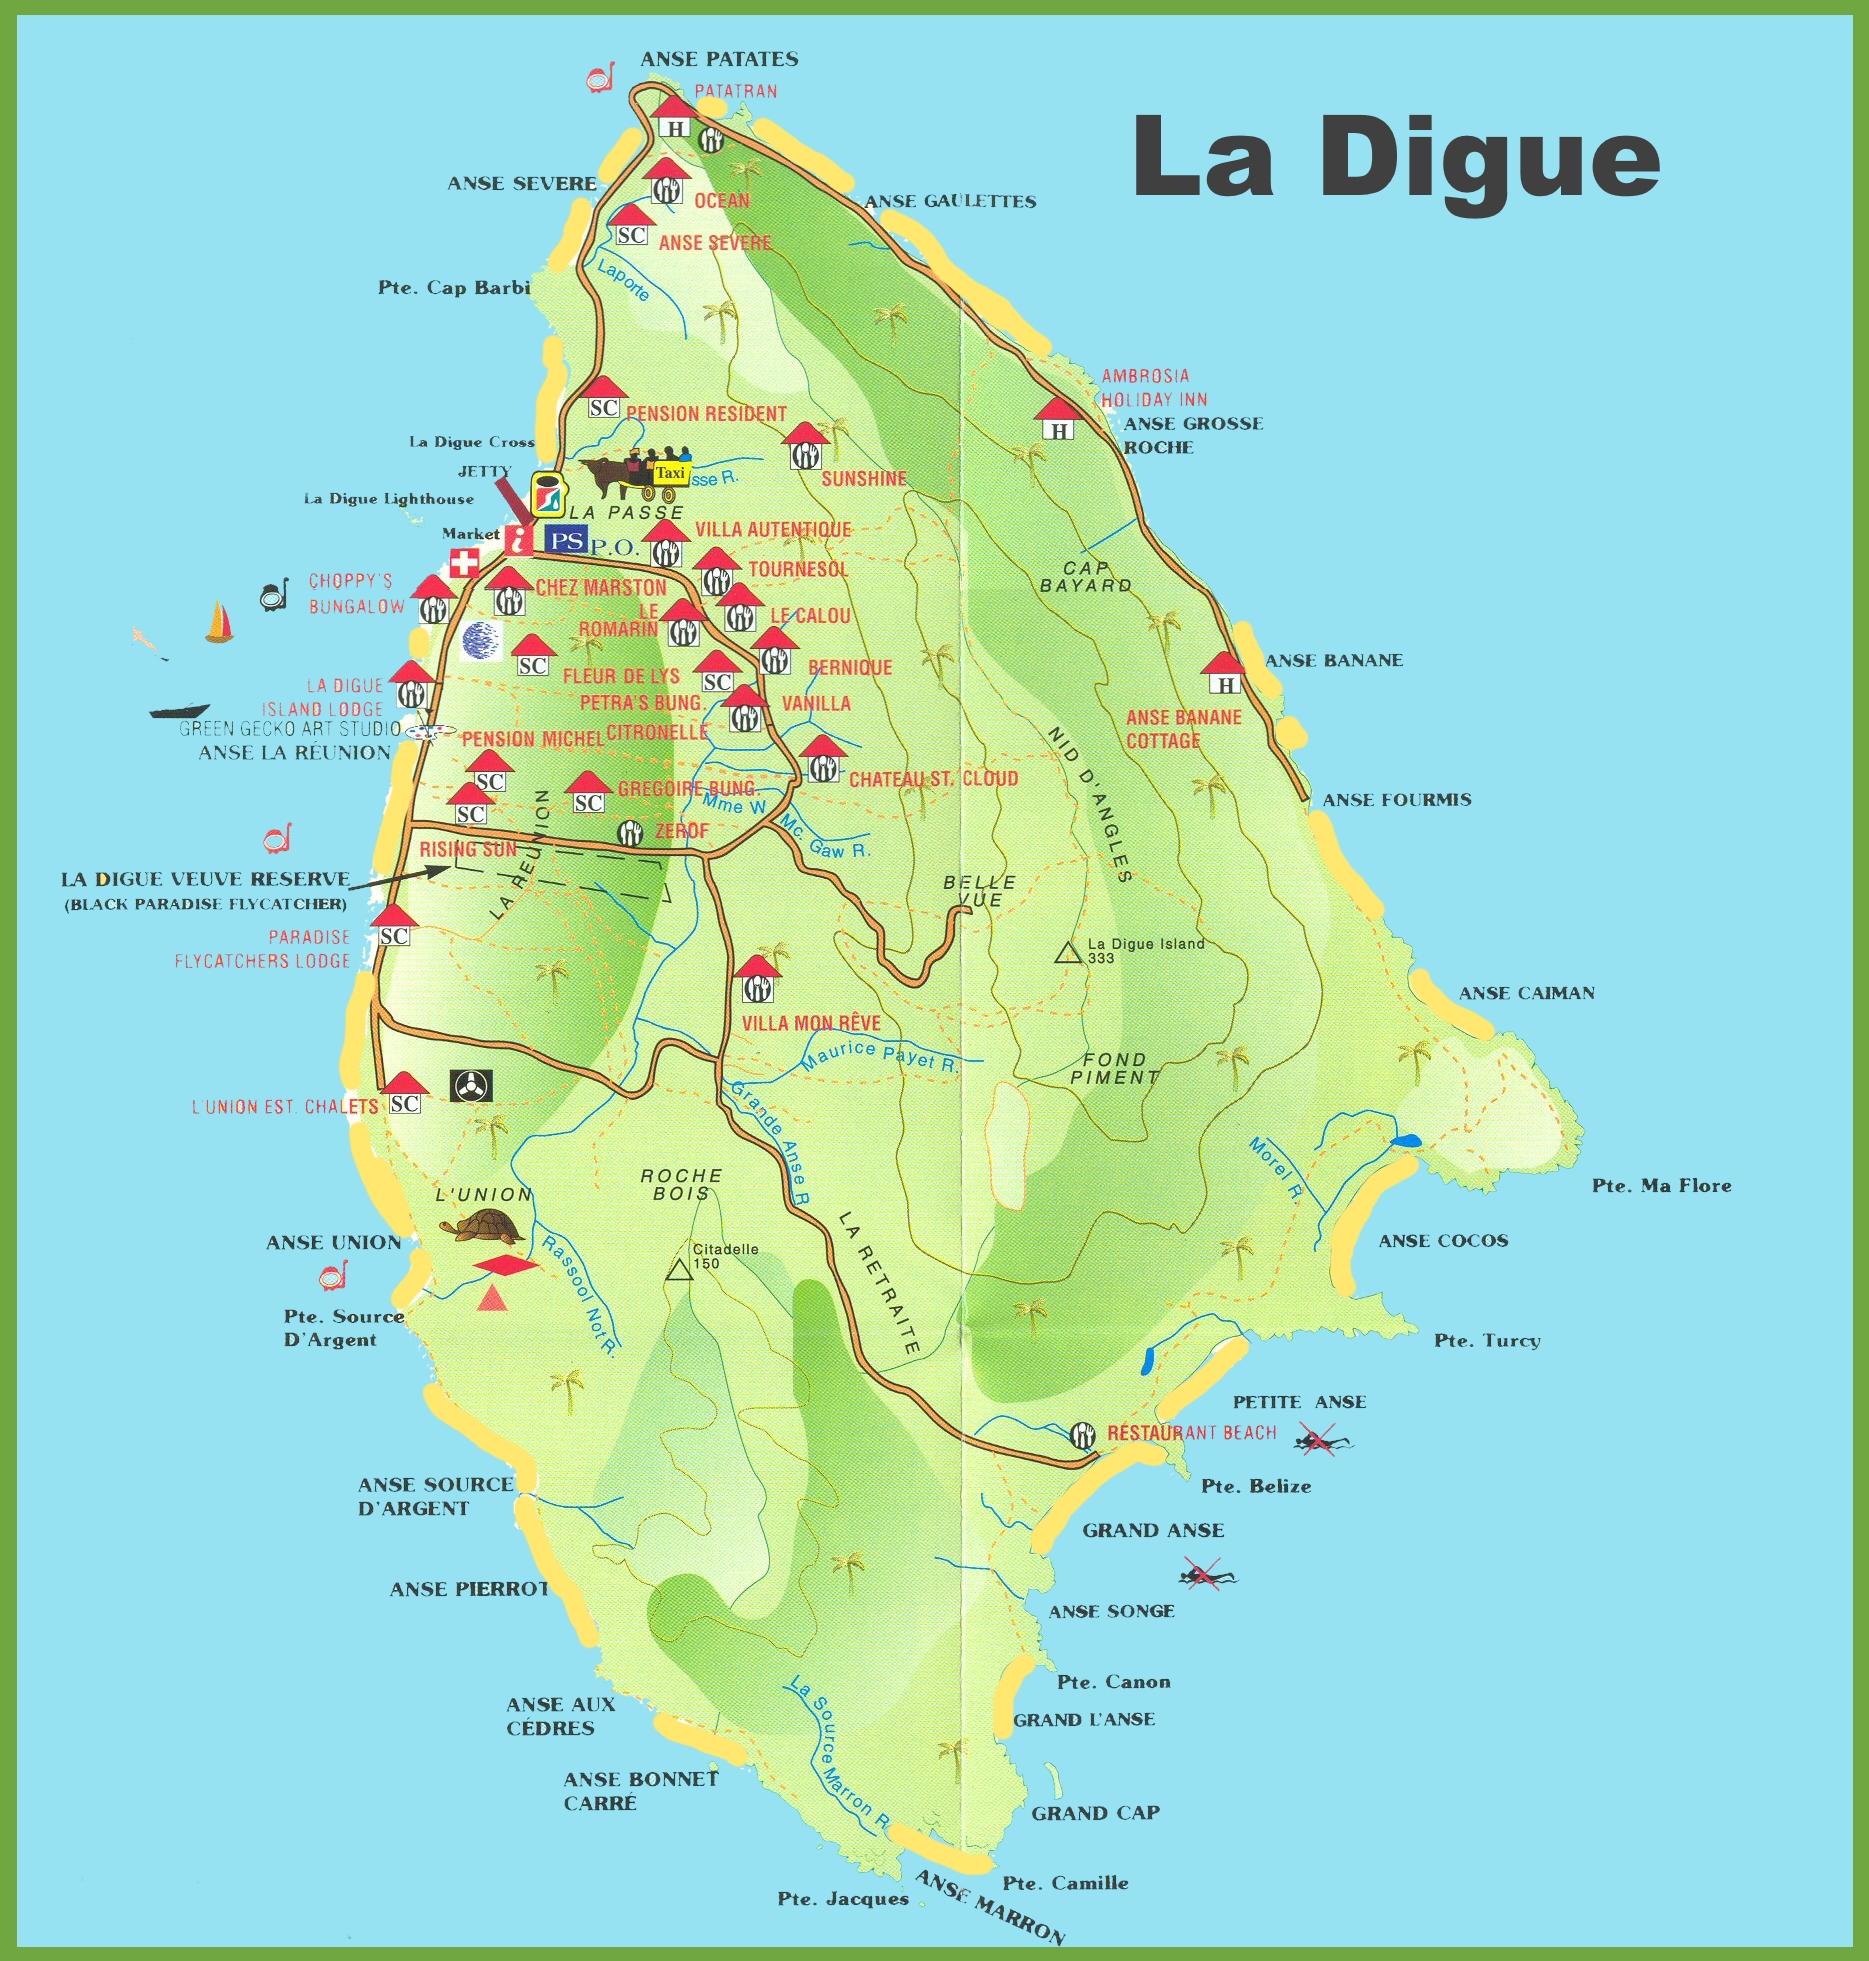 La Digue island map